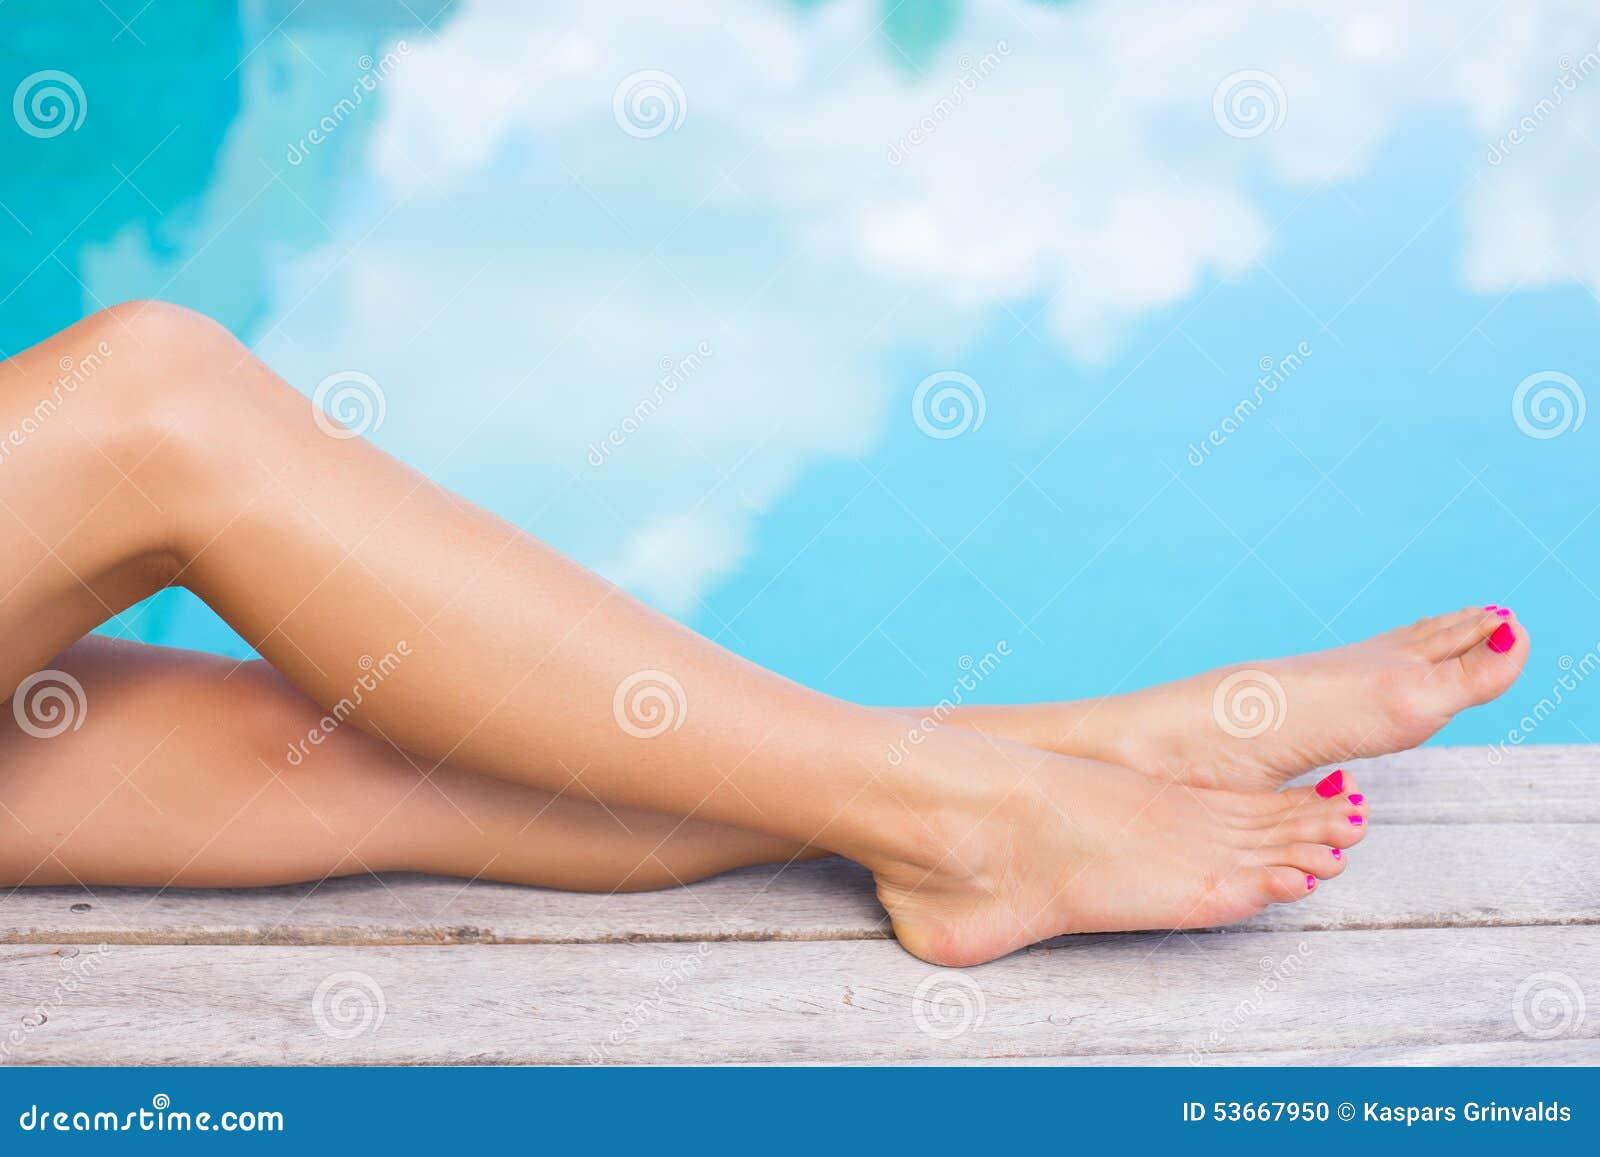 Photos gratuites filles sexy pieds et jambes